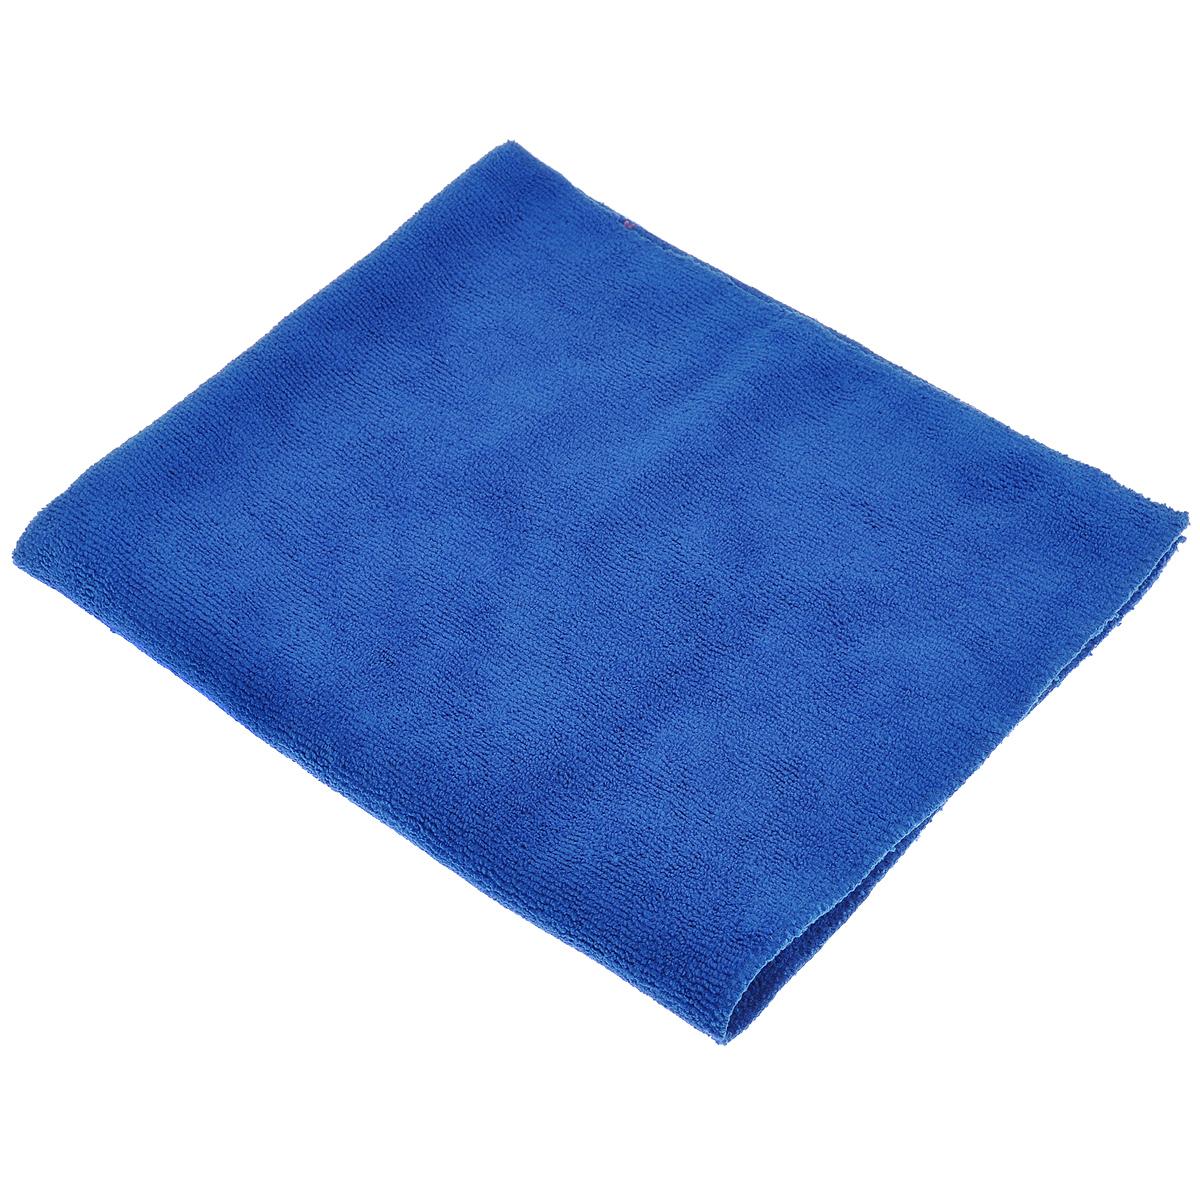 Тряпка для пола Eva, цвет: синий, 50 х 60 смЕ73_синийТряпка для пола Eva выполнена из микрофибры (полиэстера и полиамида).Благодаря микроструктуре волоконона проникает в поры материалов, а поэтому может удалять загрязнения безприменения химических средств. Тряпка удерживает влагу, не оставляетразводов иворса.Размер: 50 см х 60 см.